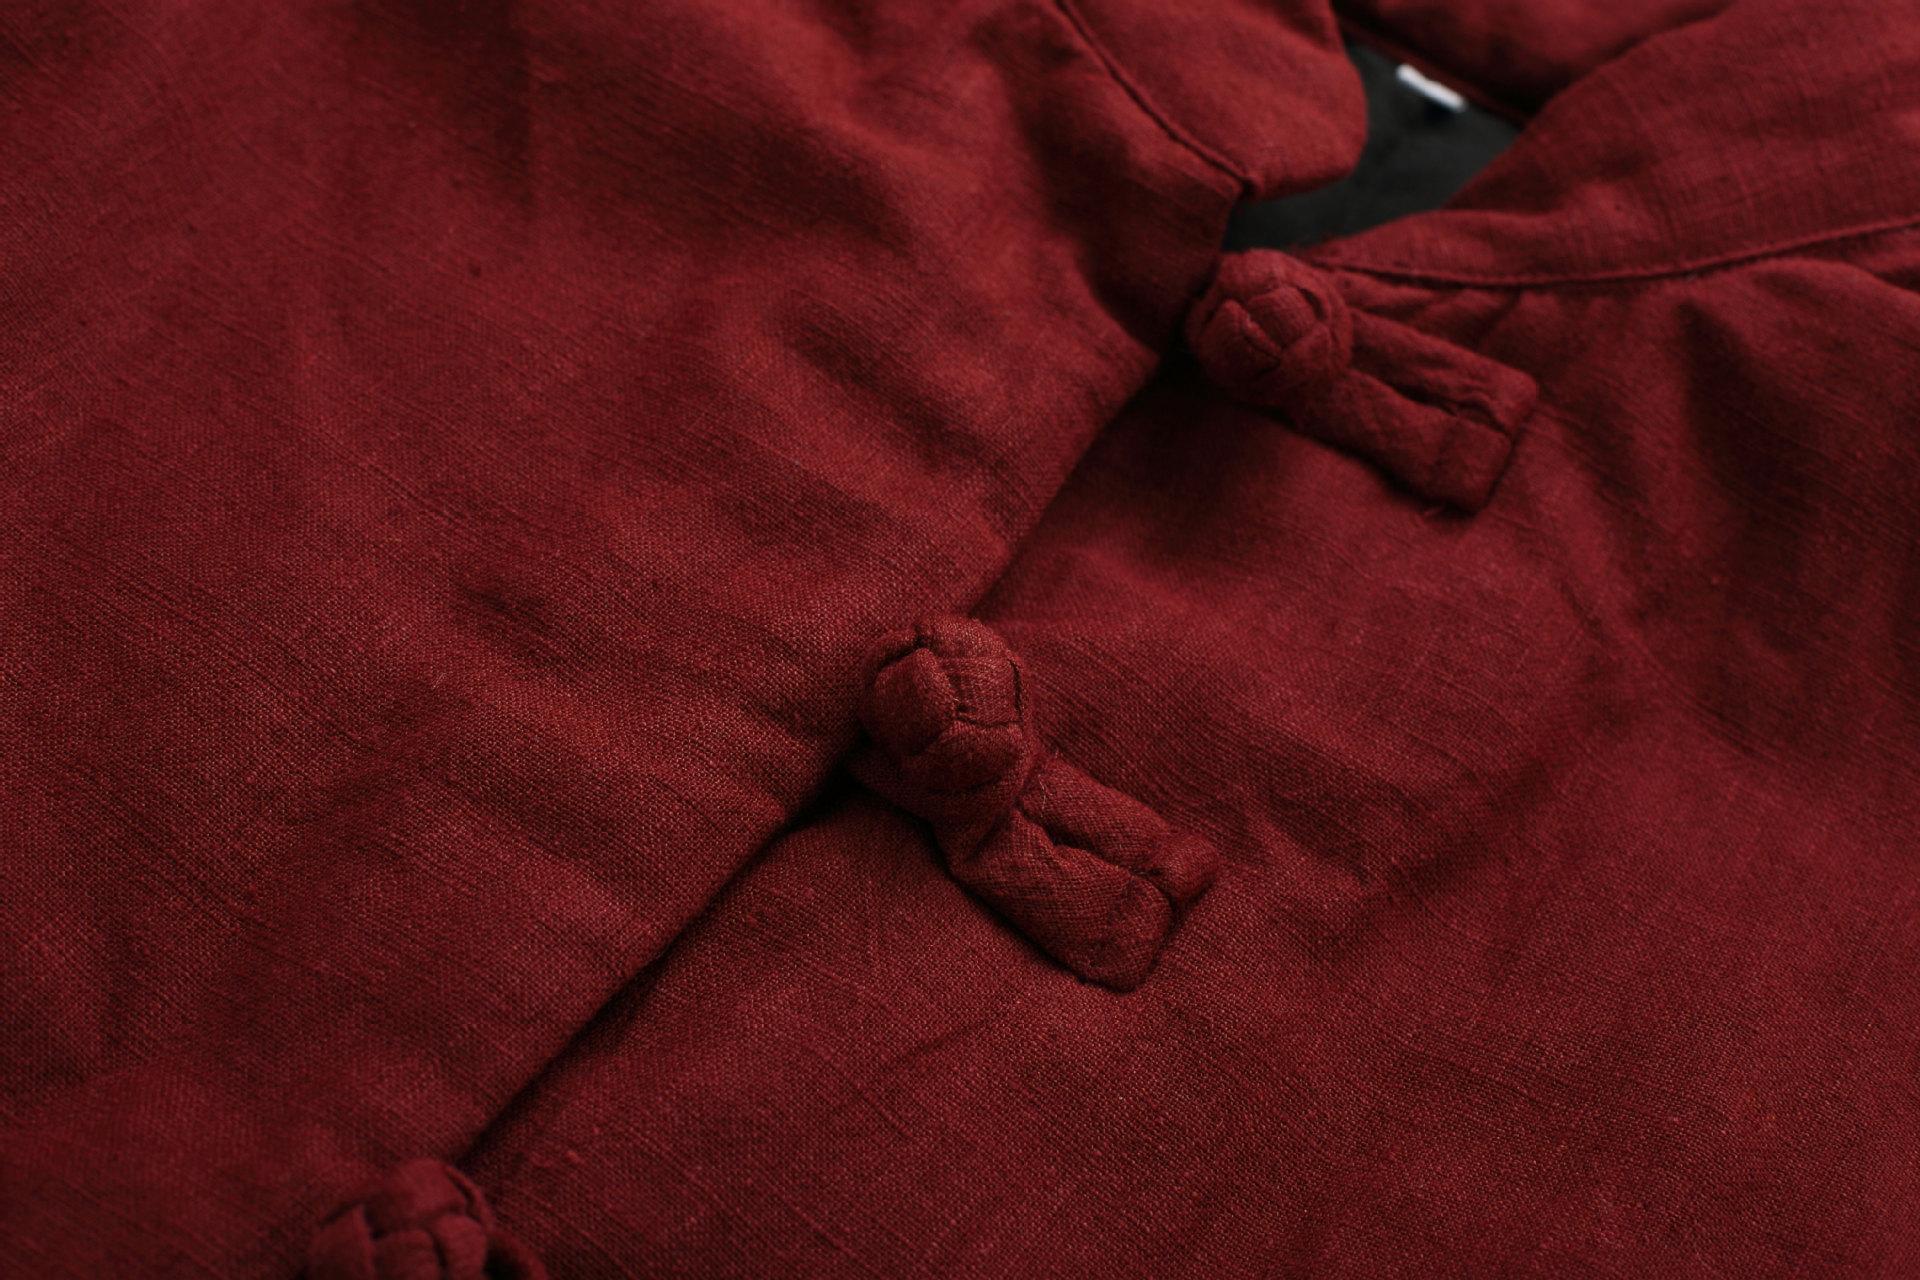 Скидки на 2016 Зима Новый Высококачественный Бренд Утолщение Пальто Белье Хлопка С Длинным Ватник Китайский Стиль Мужчины Мода Теплый Парки Q594